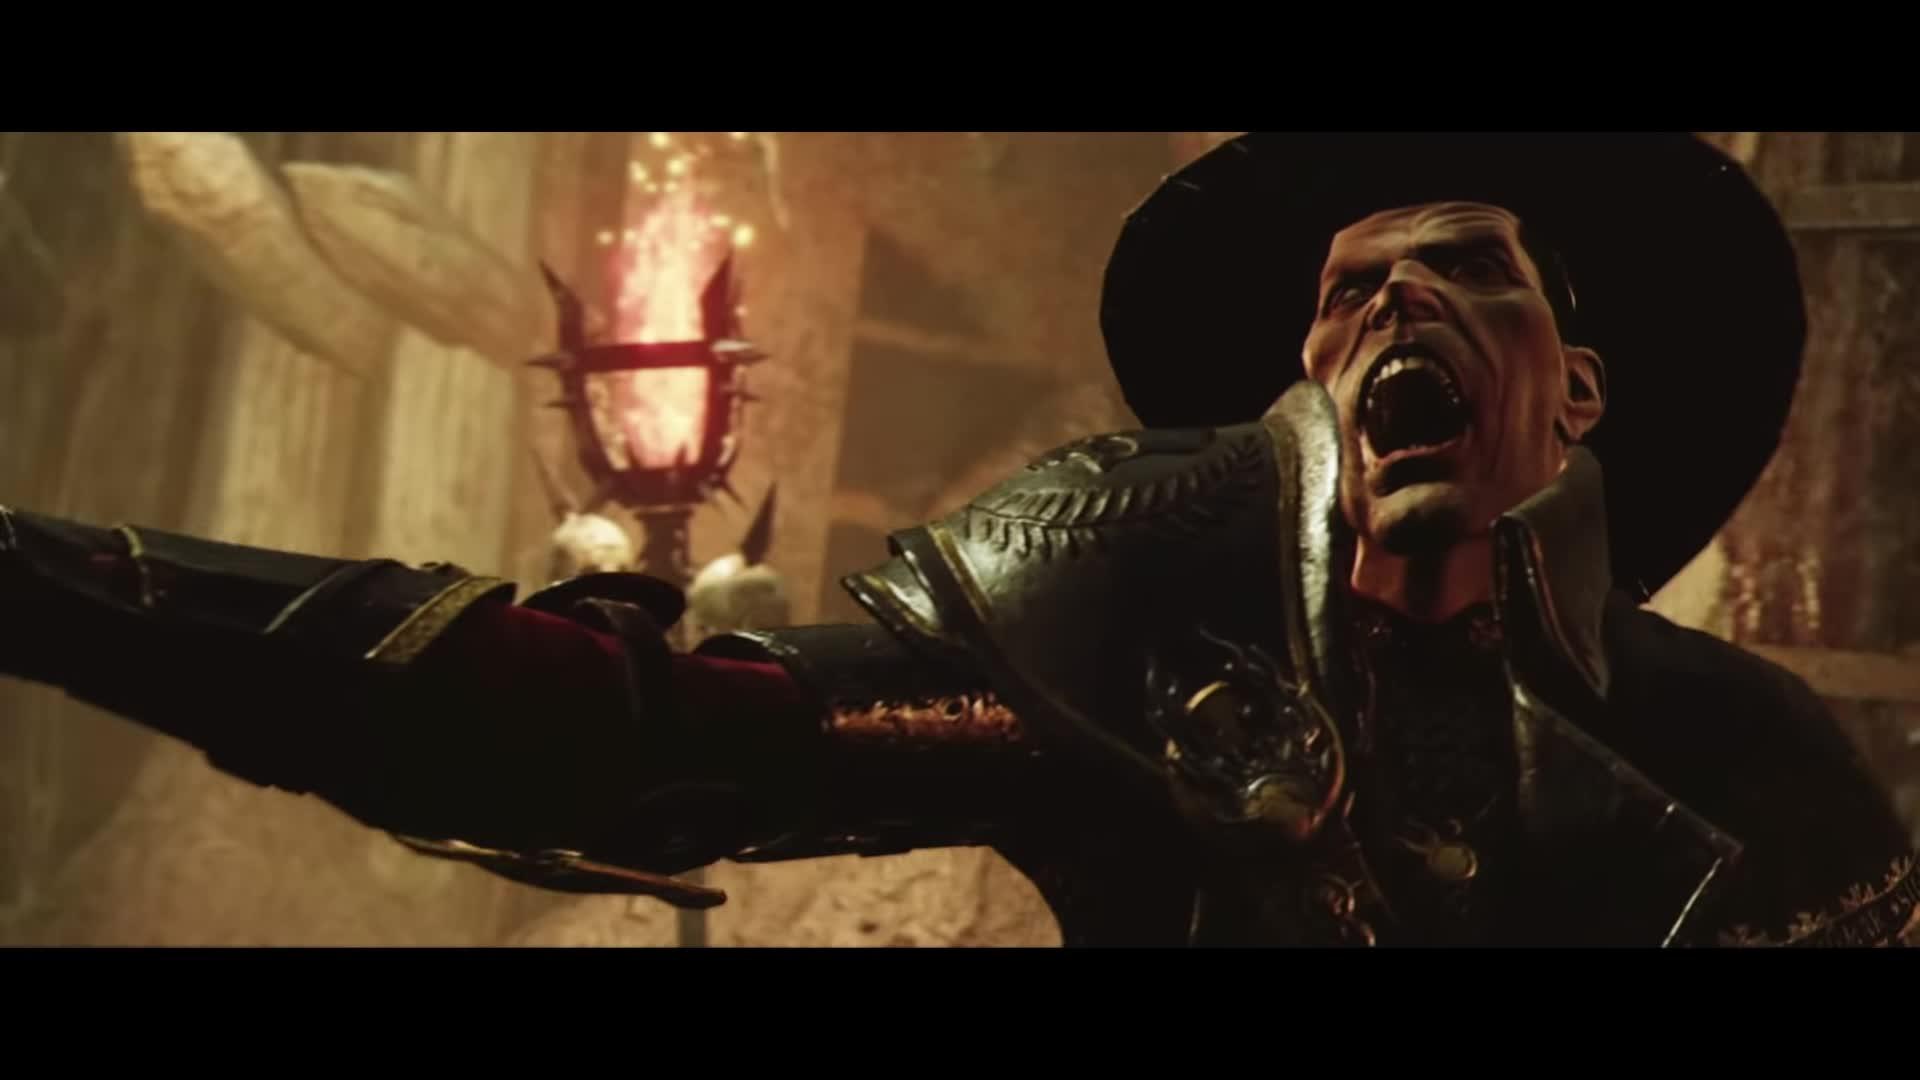 Fatshark, Gaming, co-op, fantasty, vermintide, vermintide 2, warhammer, warhammer: vermintide 2, Warhammer: Vermintide 2 | Release Trailer GIFs